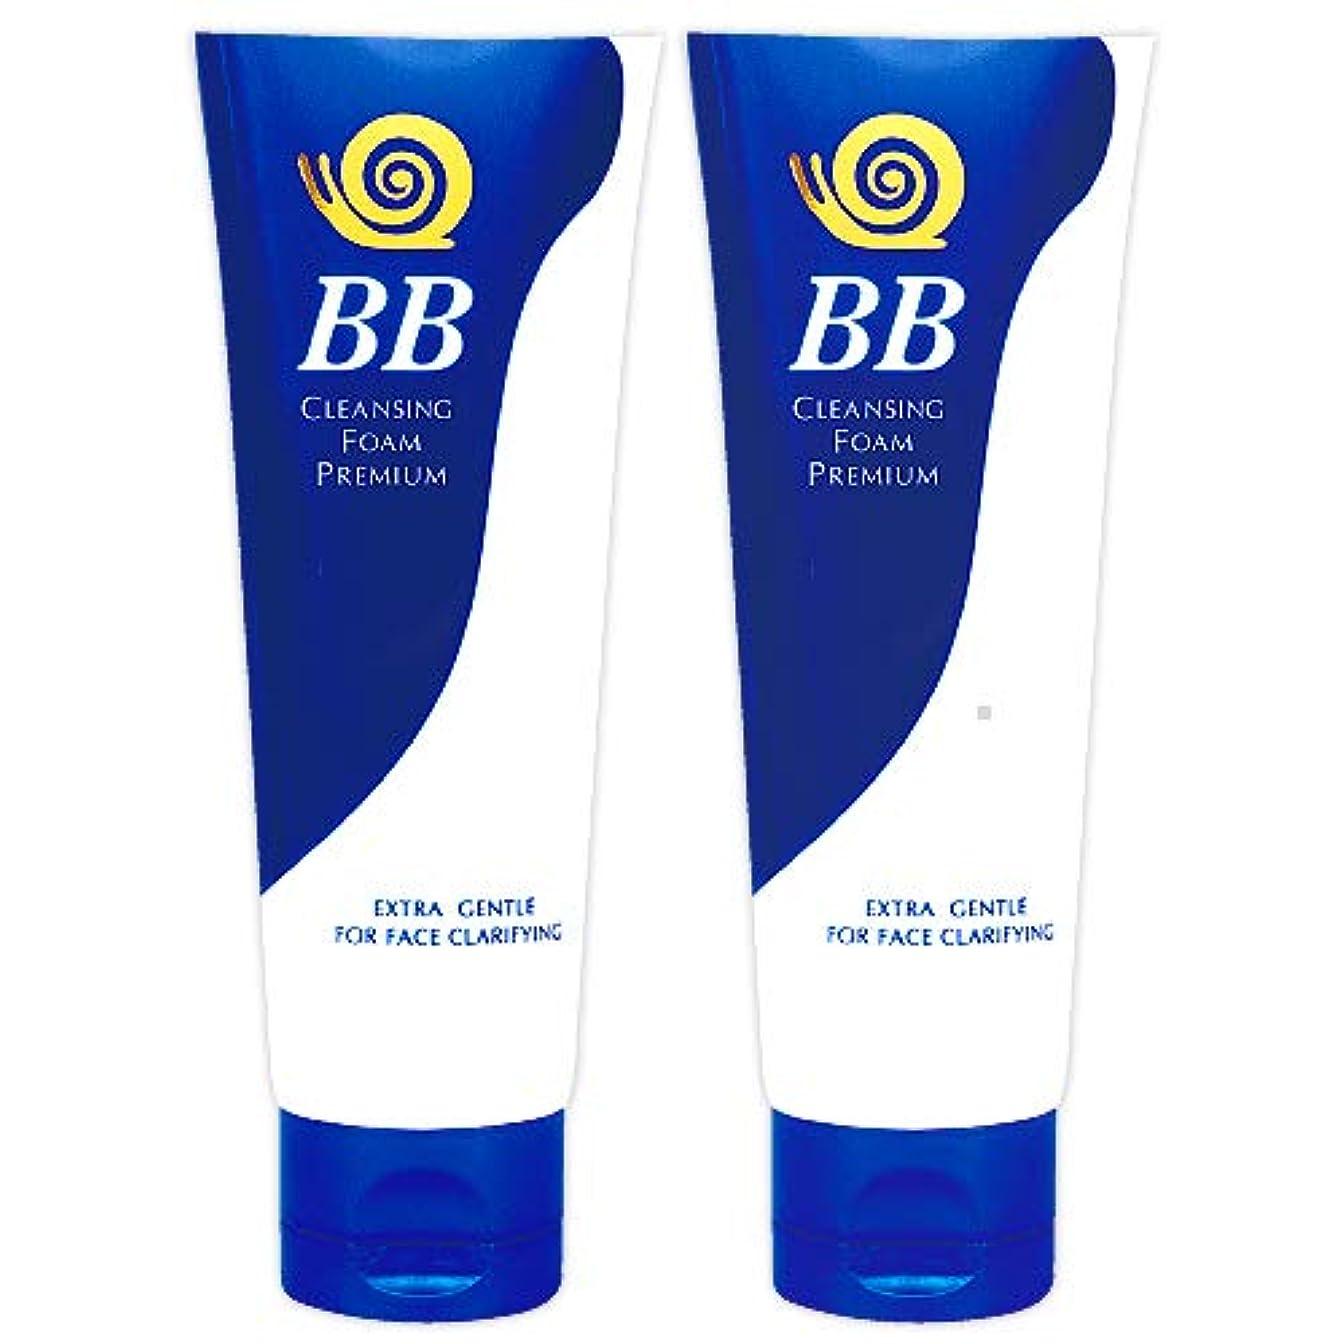 スリーブかる信者B&S 極上 かたつむり BB 洗顔フォーム (プレミアム) 100g 2個 セット [並行輸入品]